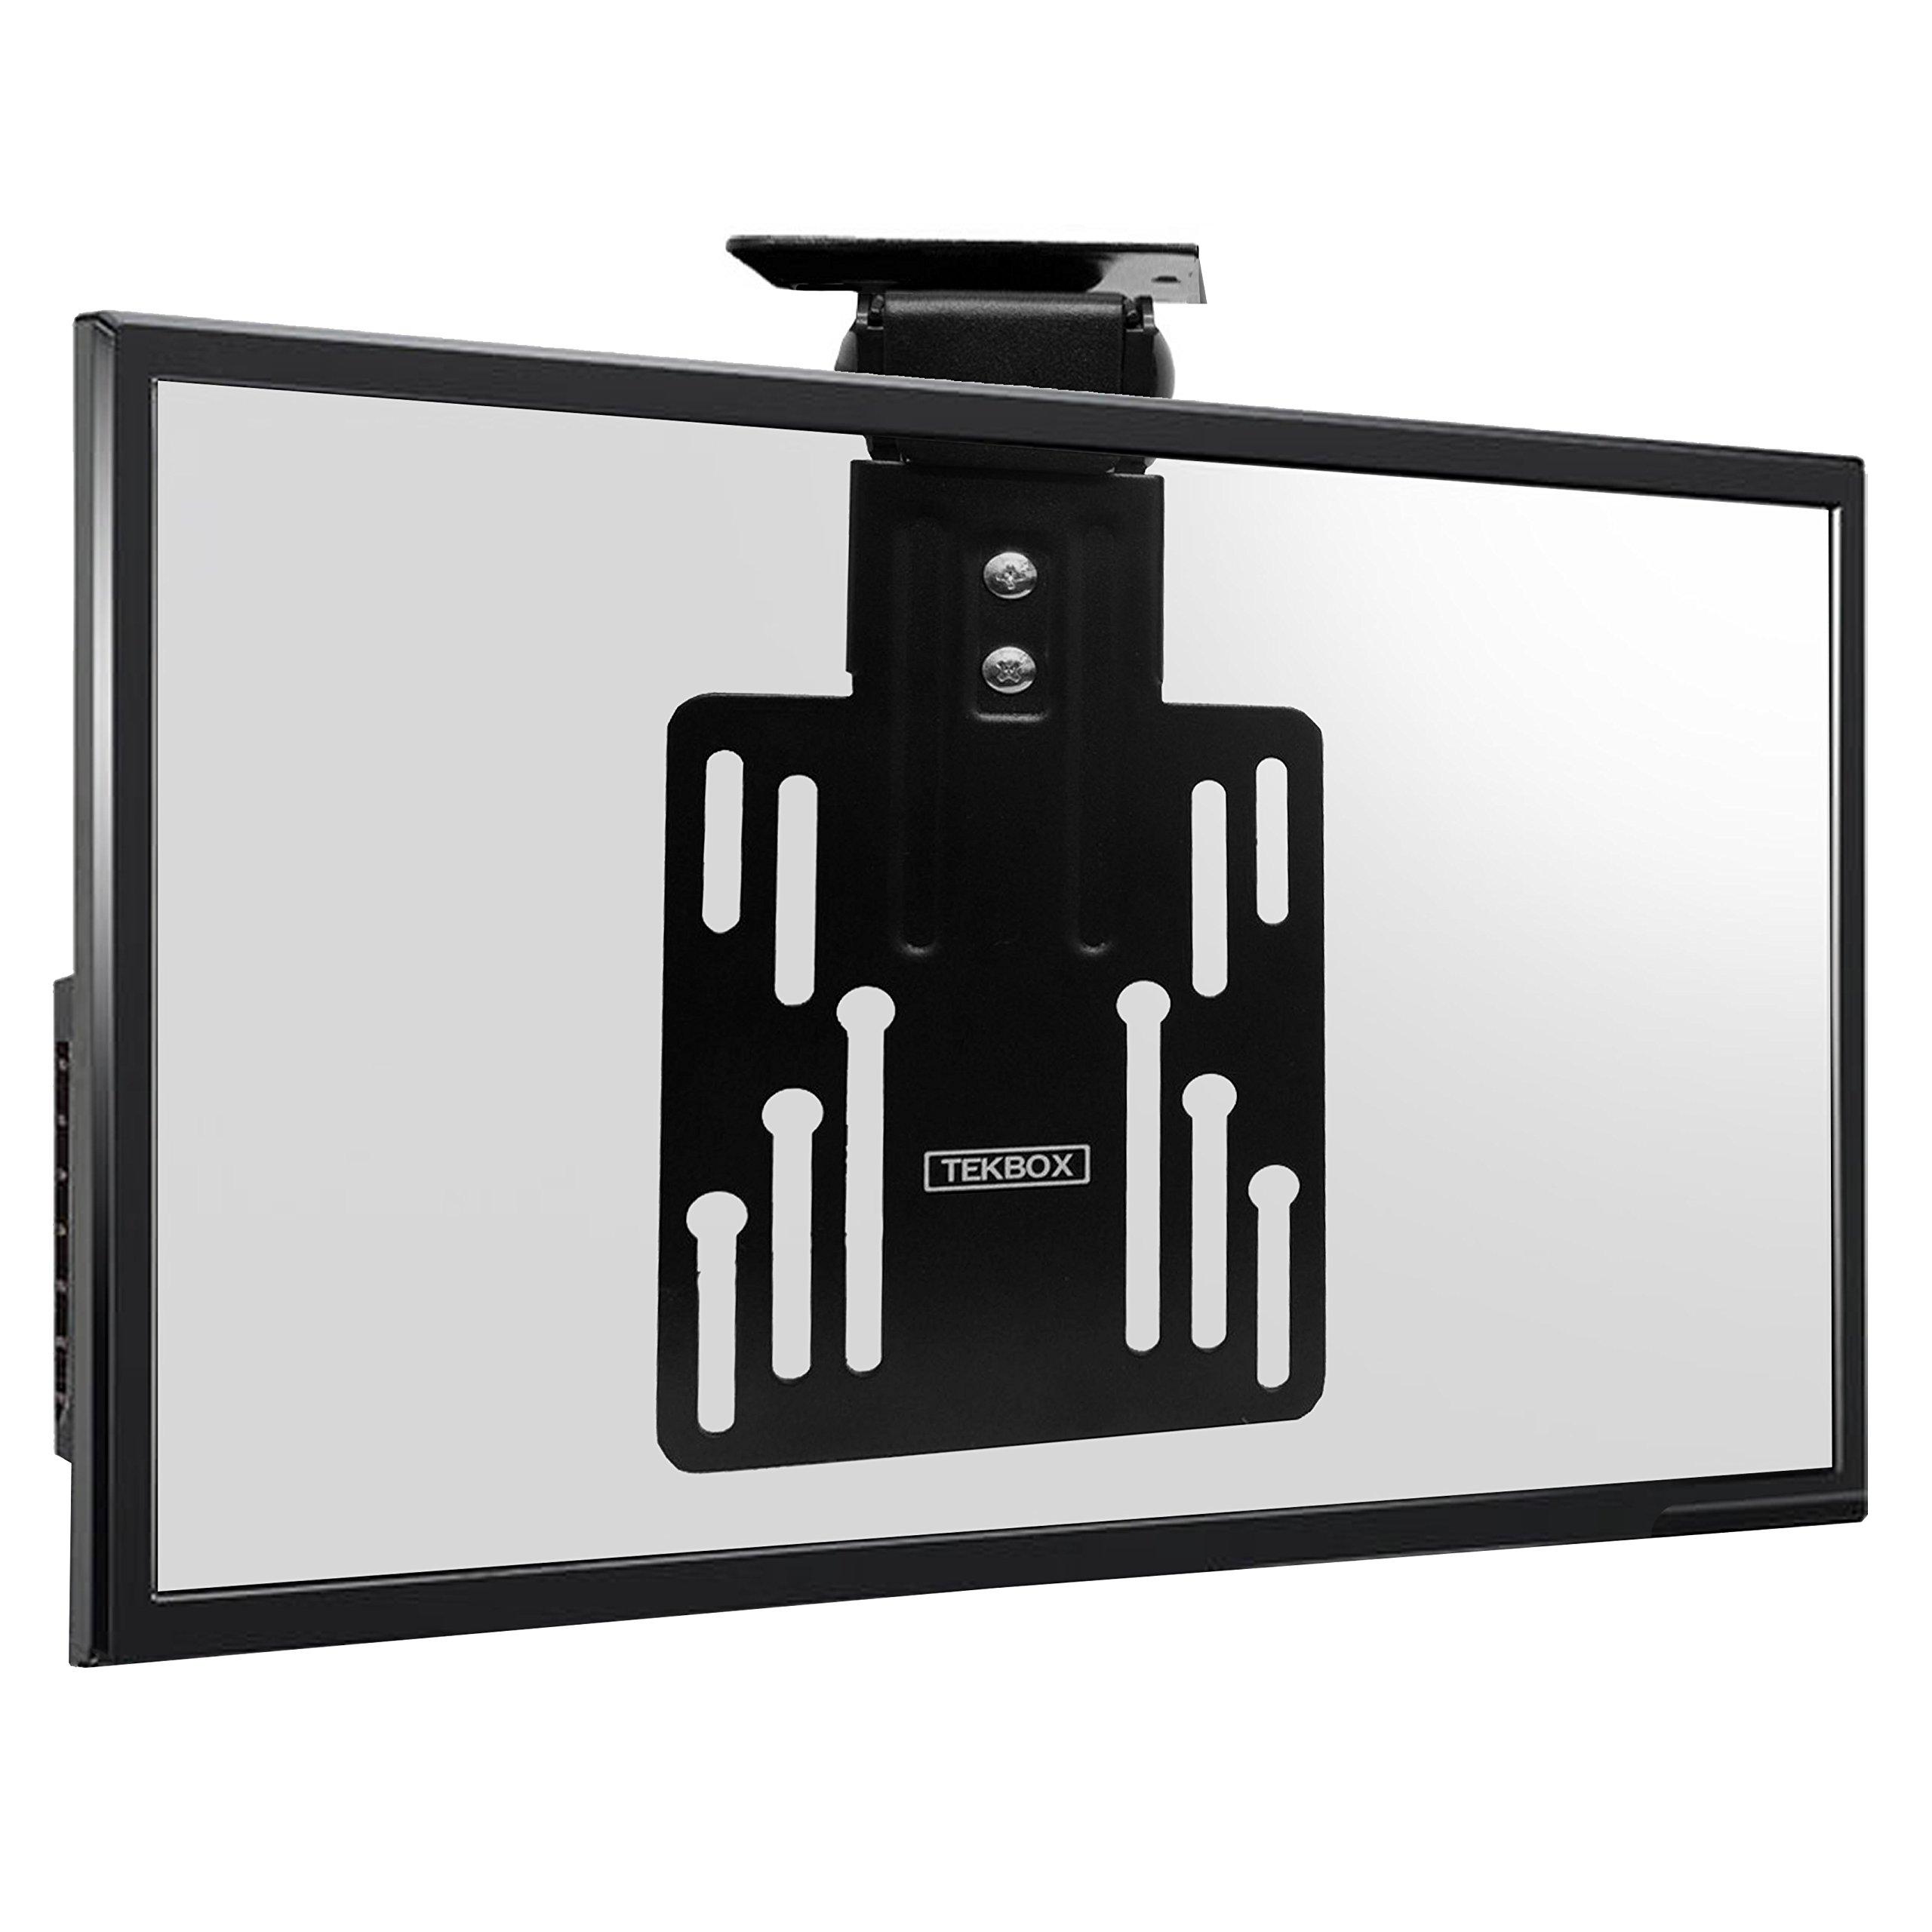 Tekbox - Soporte de techo plegable para televisor LCD LED de plasma de 50 x 50, 75 x 75 y 100 x 100: Amazon.es: Electrónica